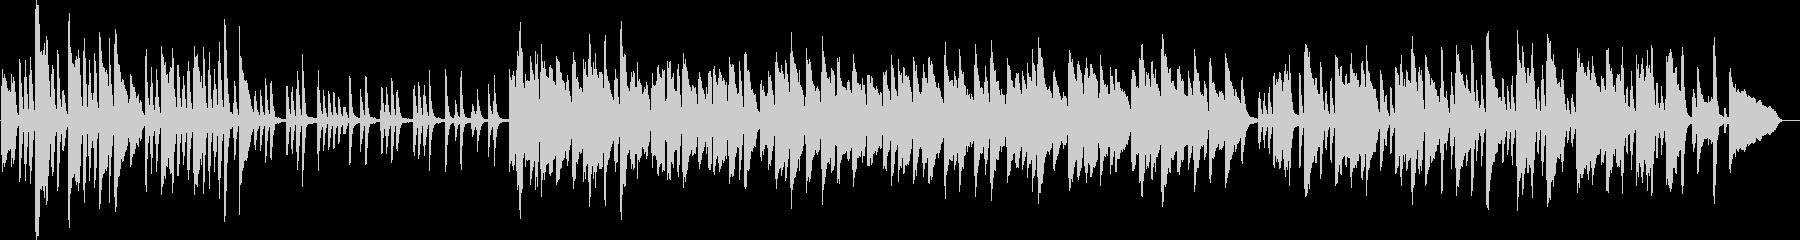 ラジオ体操風ピアノ曲(爽やか・軽やか)の未再生の波形